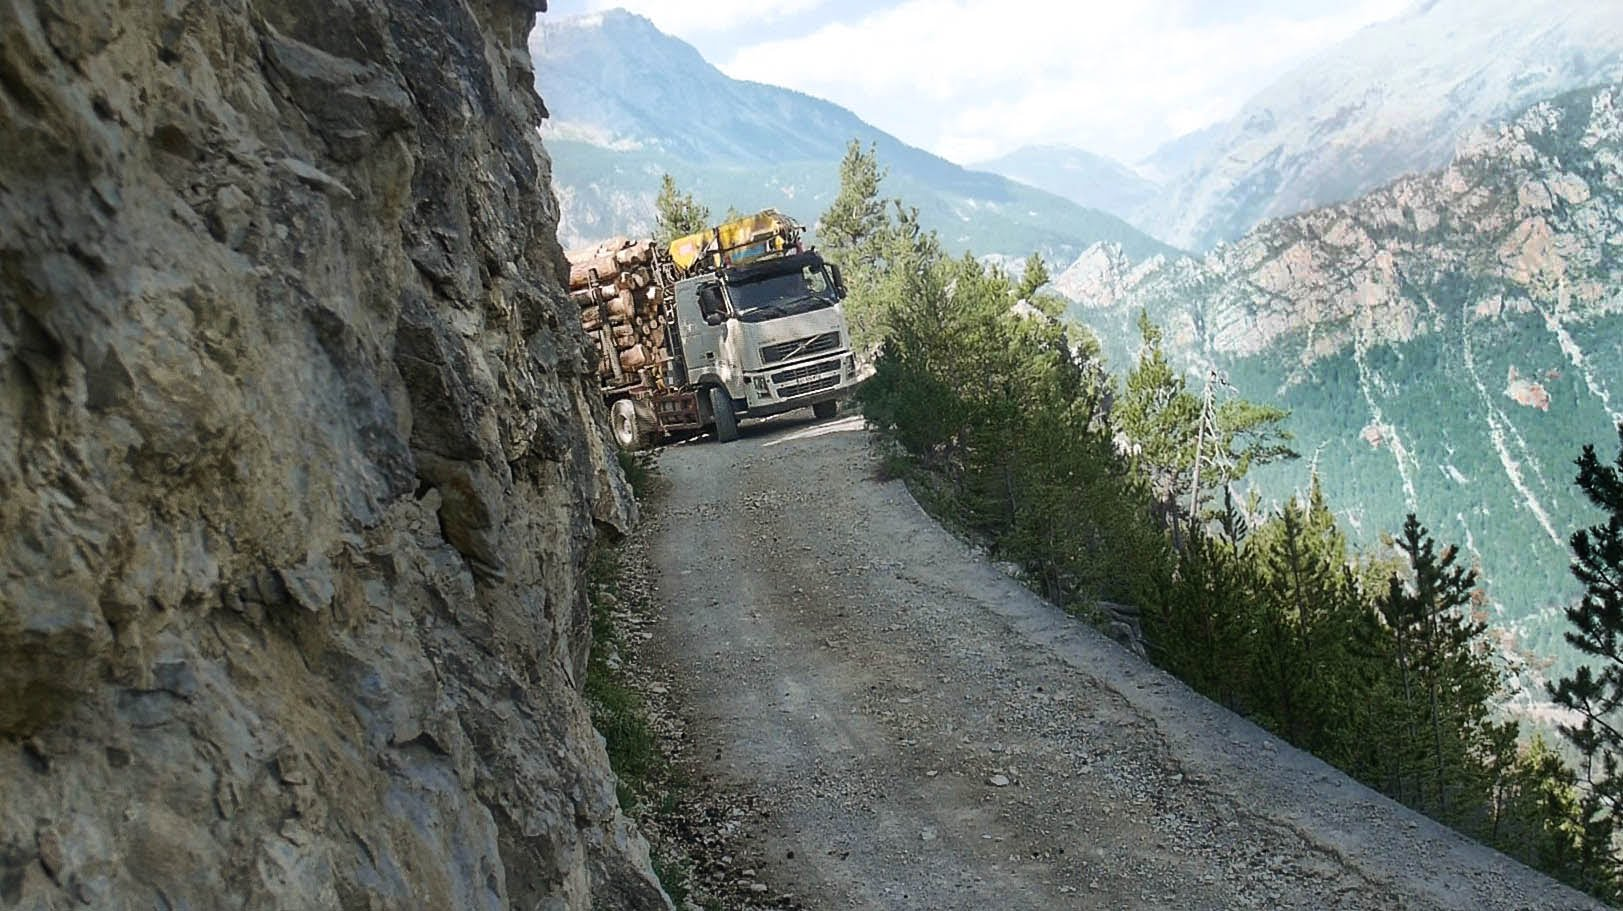 МАЈСТОР: Го натоварил камионот со трупци, а потоа тргнал да вози по невозможна патека!